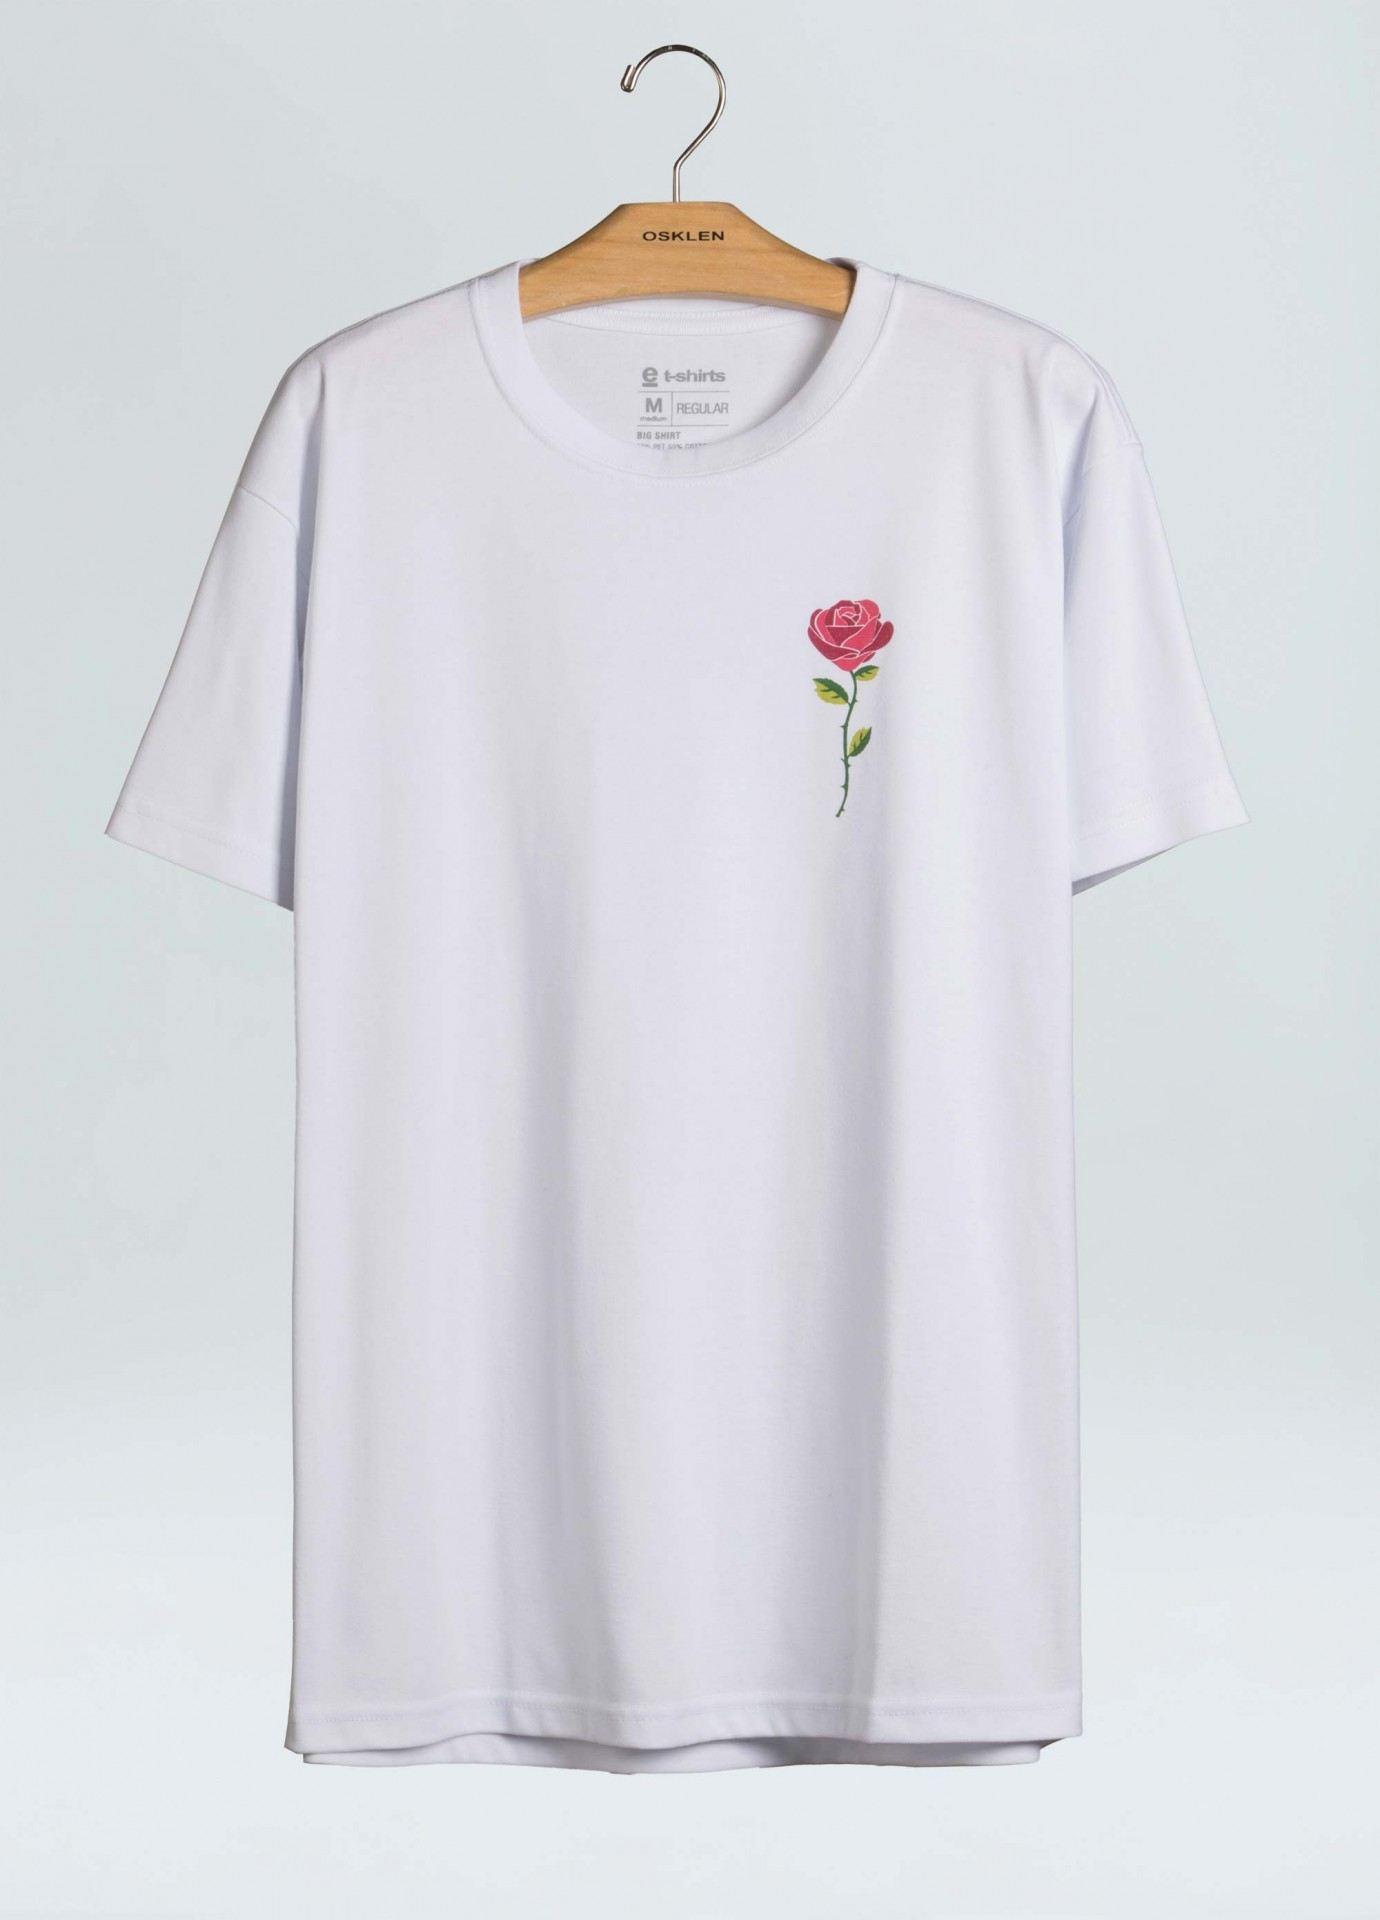 Big-Shirt Osklen Skate Rose Color